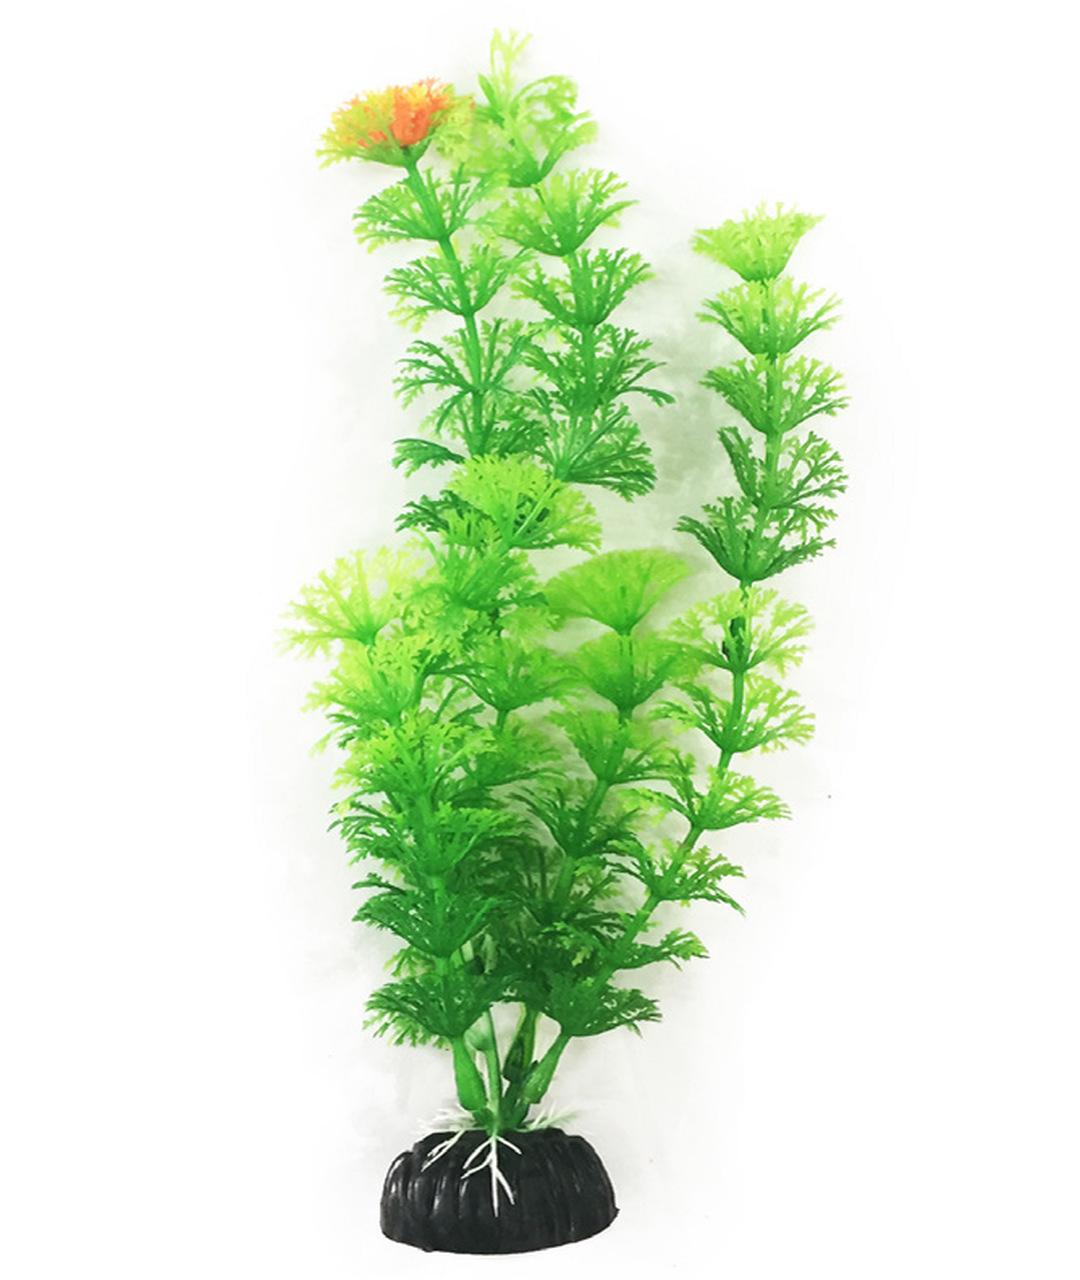 Planta Plástica Artificial P/ Aquário Soma Mod.409